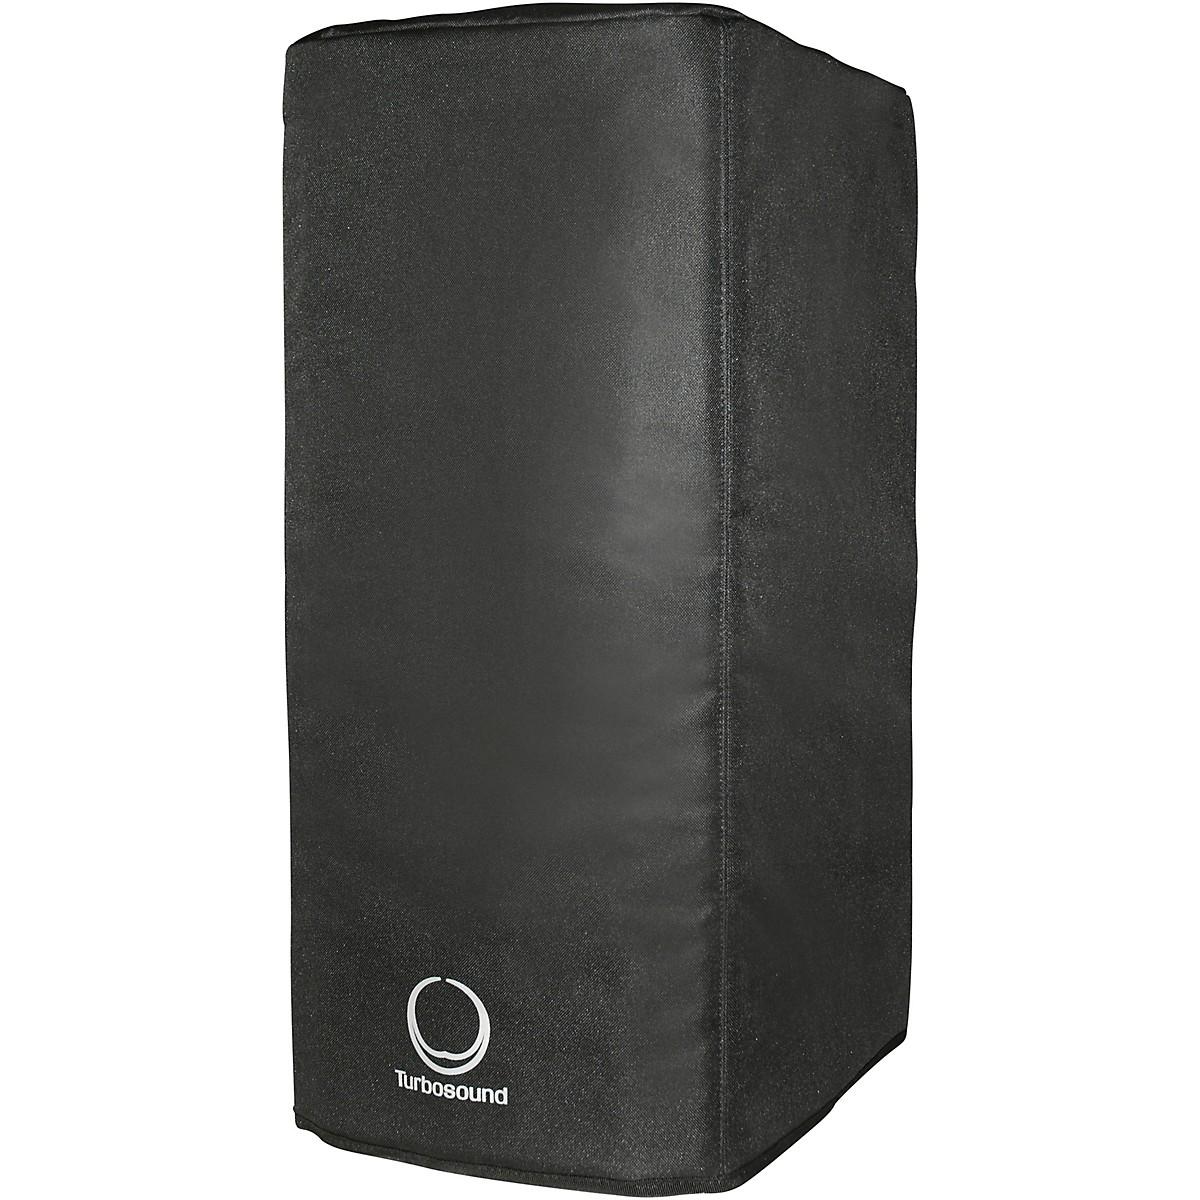 Turbosound iP1000-PC Speaker Bag for iP1000 Subwoofer